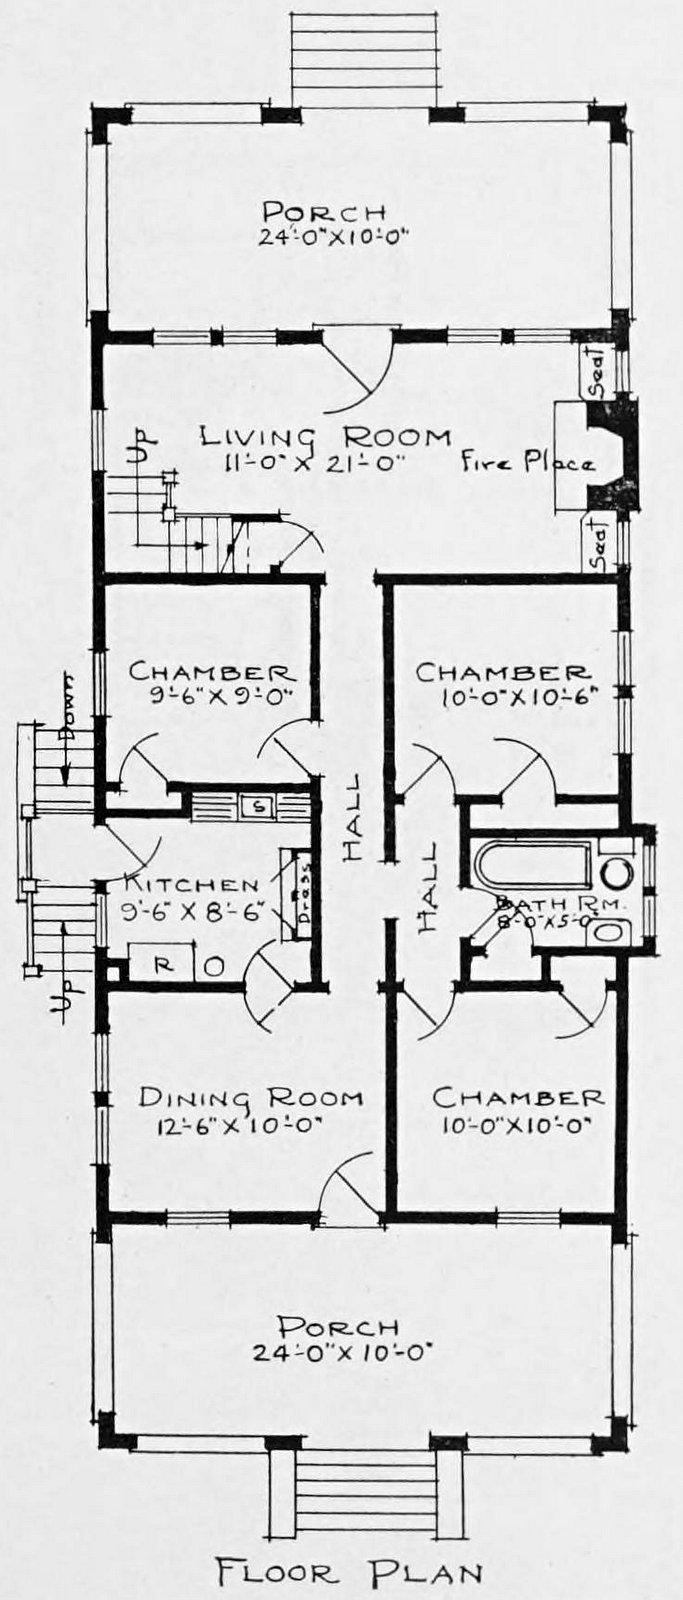 1910 cottage home plan - Number 943